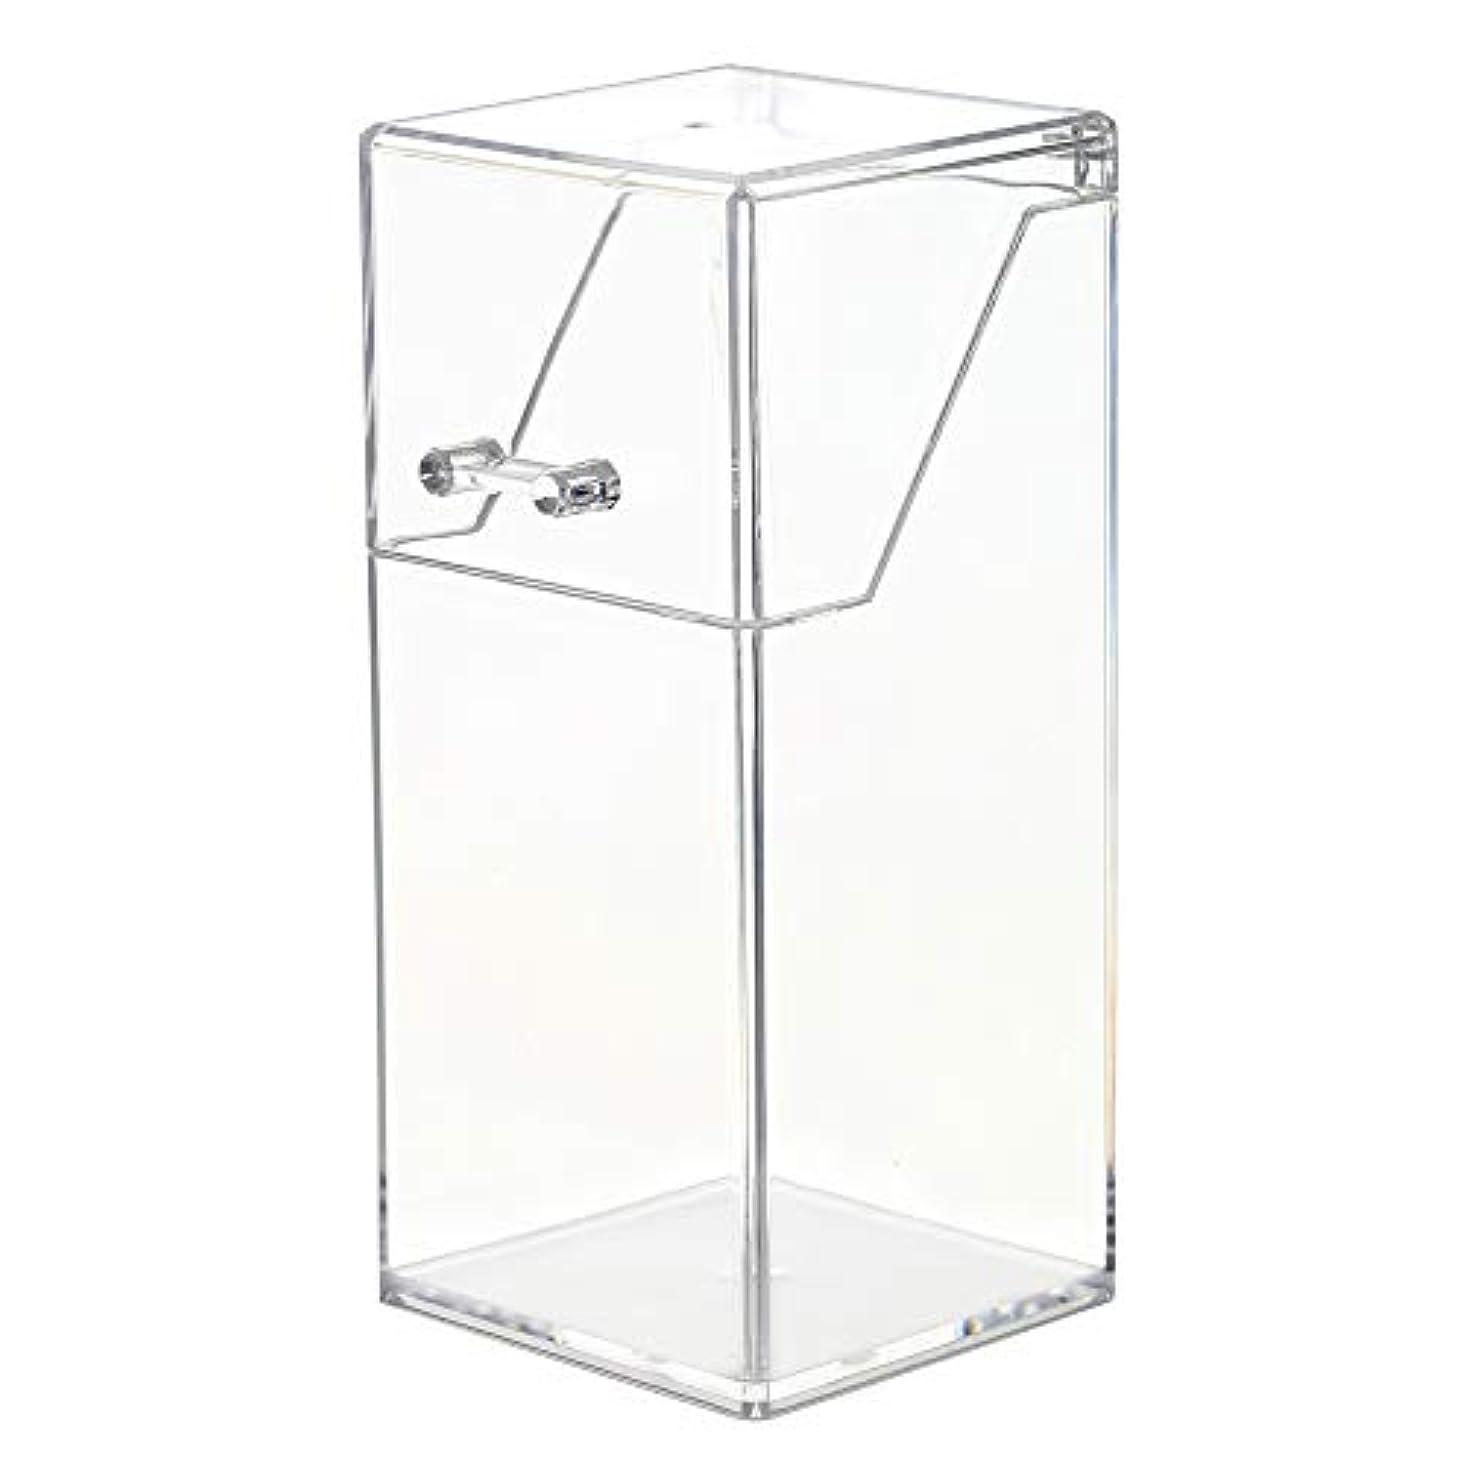 出席耐えられない翻訳するメイクボックス メイクブラシ収納 Decdeal 透明 ふた付き 防塵 持ち運び アクリルケース 化粧品収納ボックス 口紅 化粧ブラシ 文房具 小物入れ 卓上収納ケース